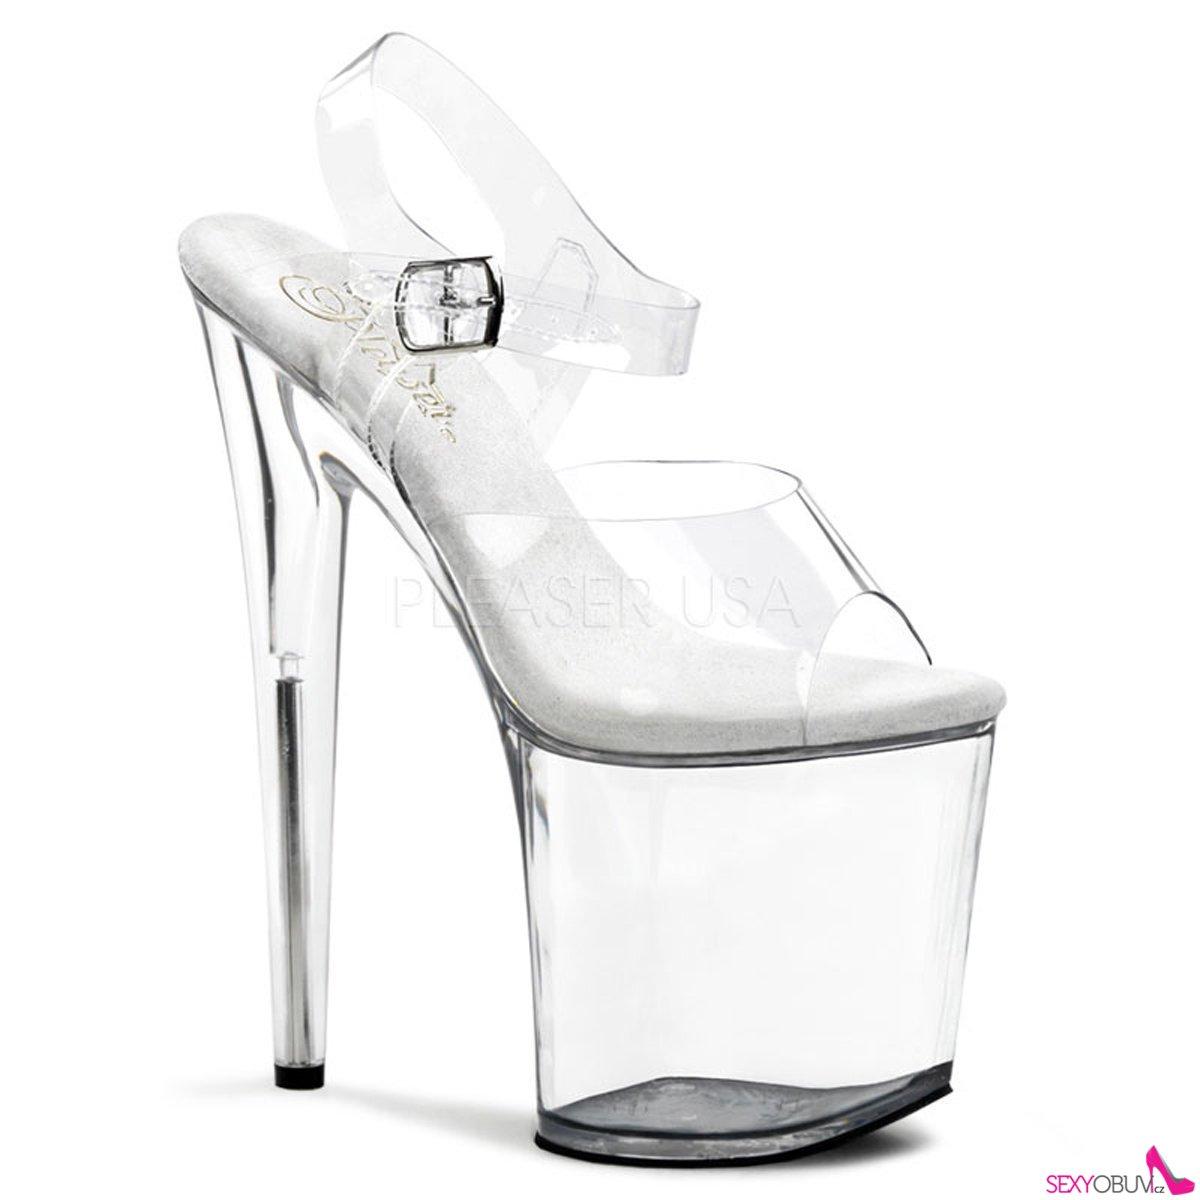 d2acd73c01f FLAMINGO-808 Sexy průhledné boty vysoké podpatky a platforma ...